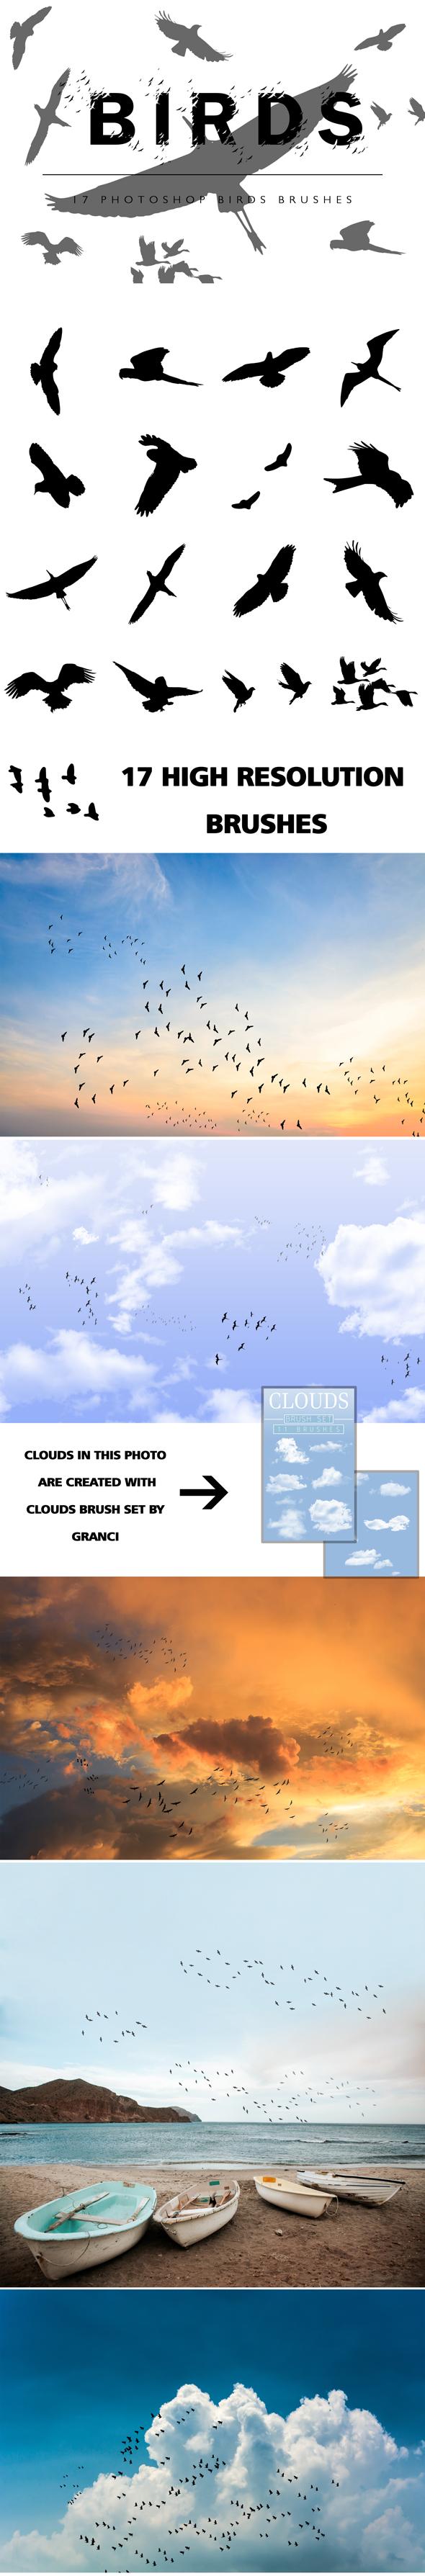 Birds Photoshop Brushes - Brushes Photoshop